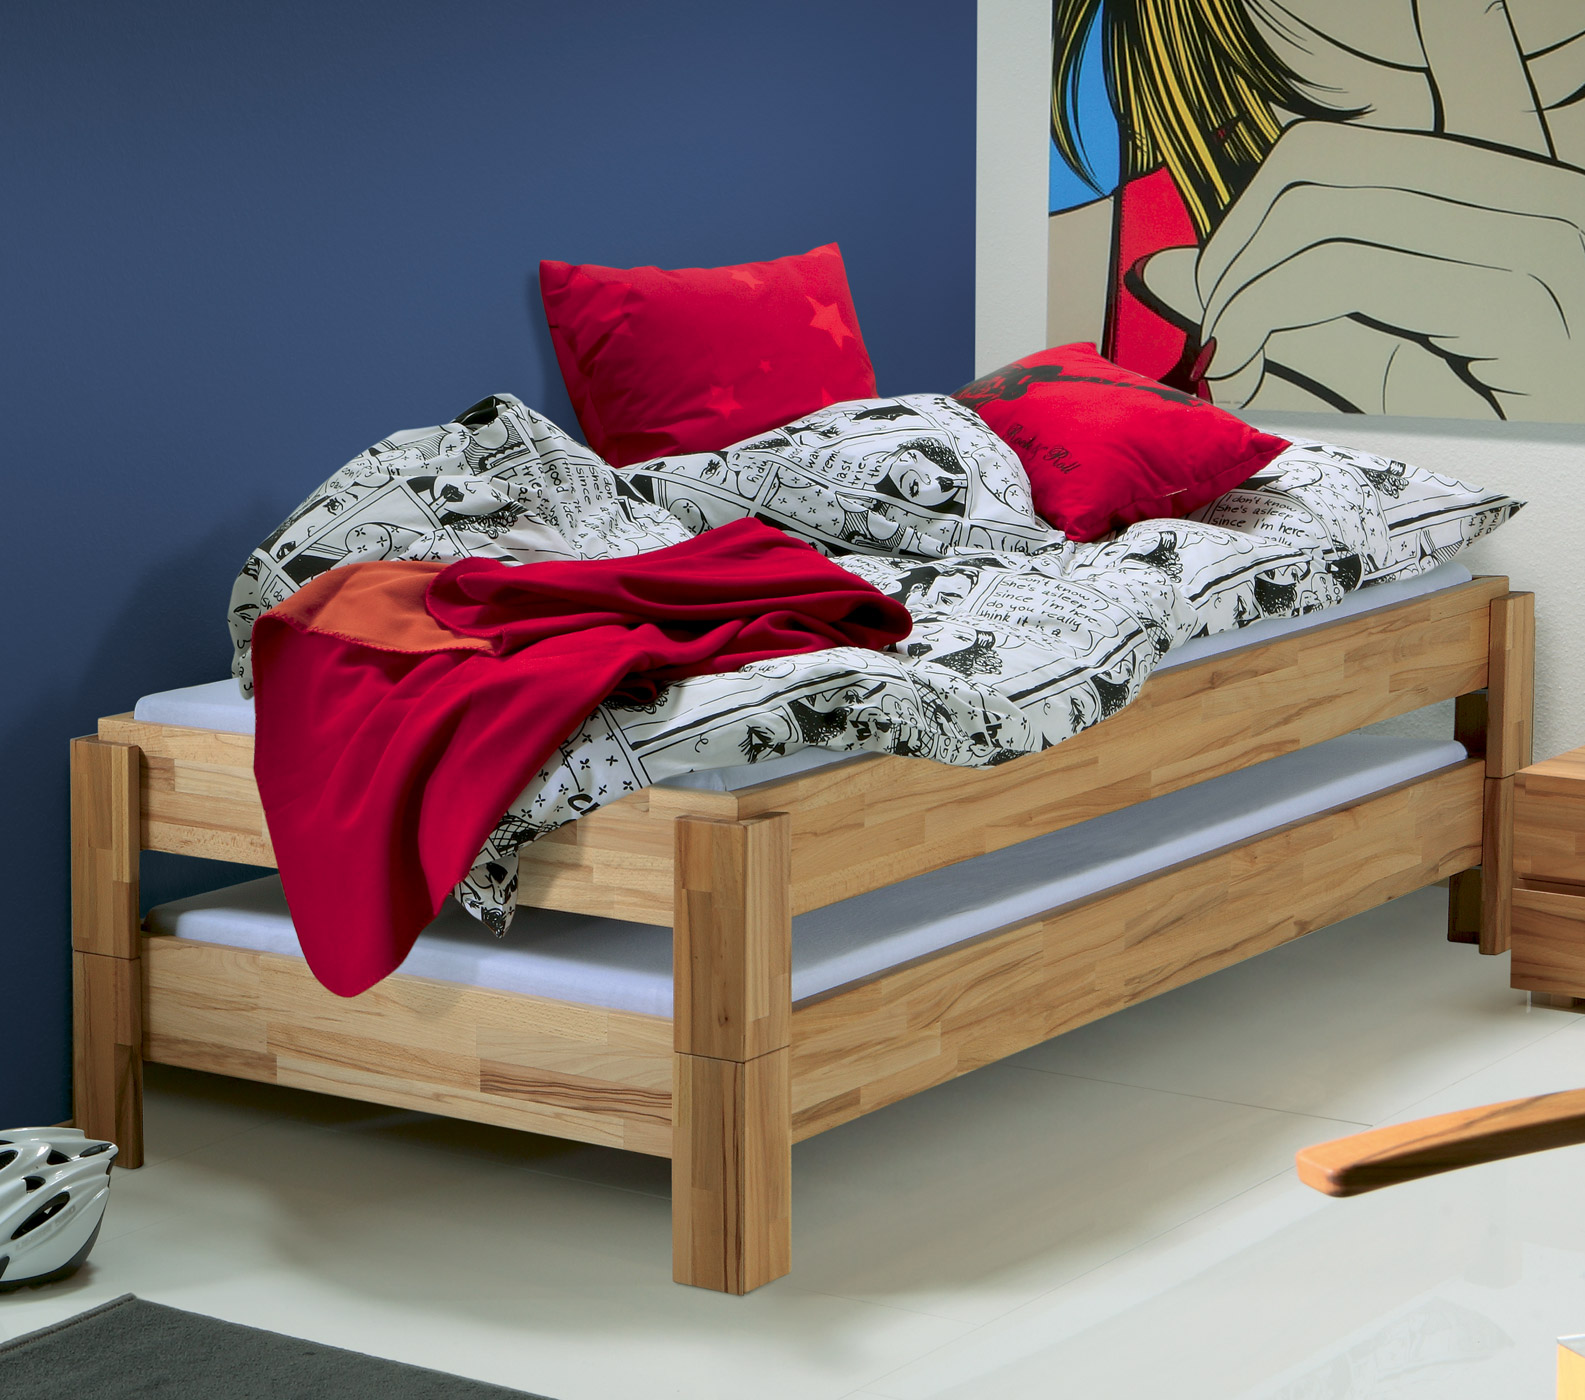 Die Stapelliege Kann Auch In Gestapeltem Zustand Als Bett Genutzt Werden.